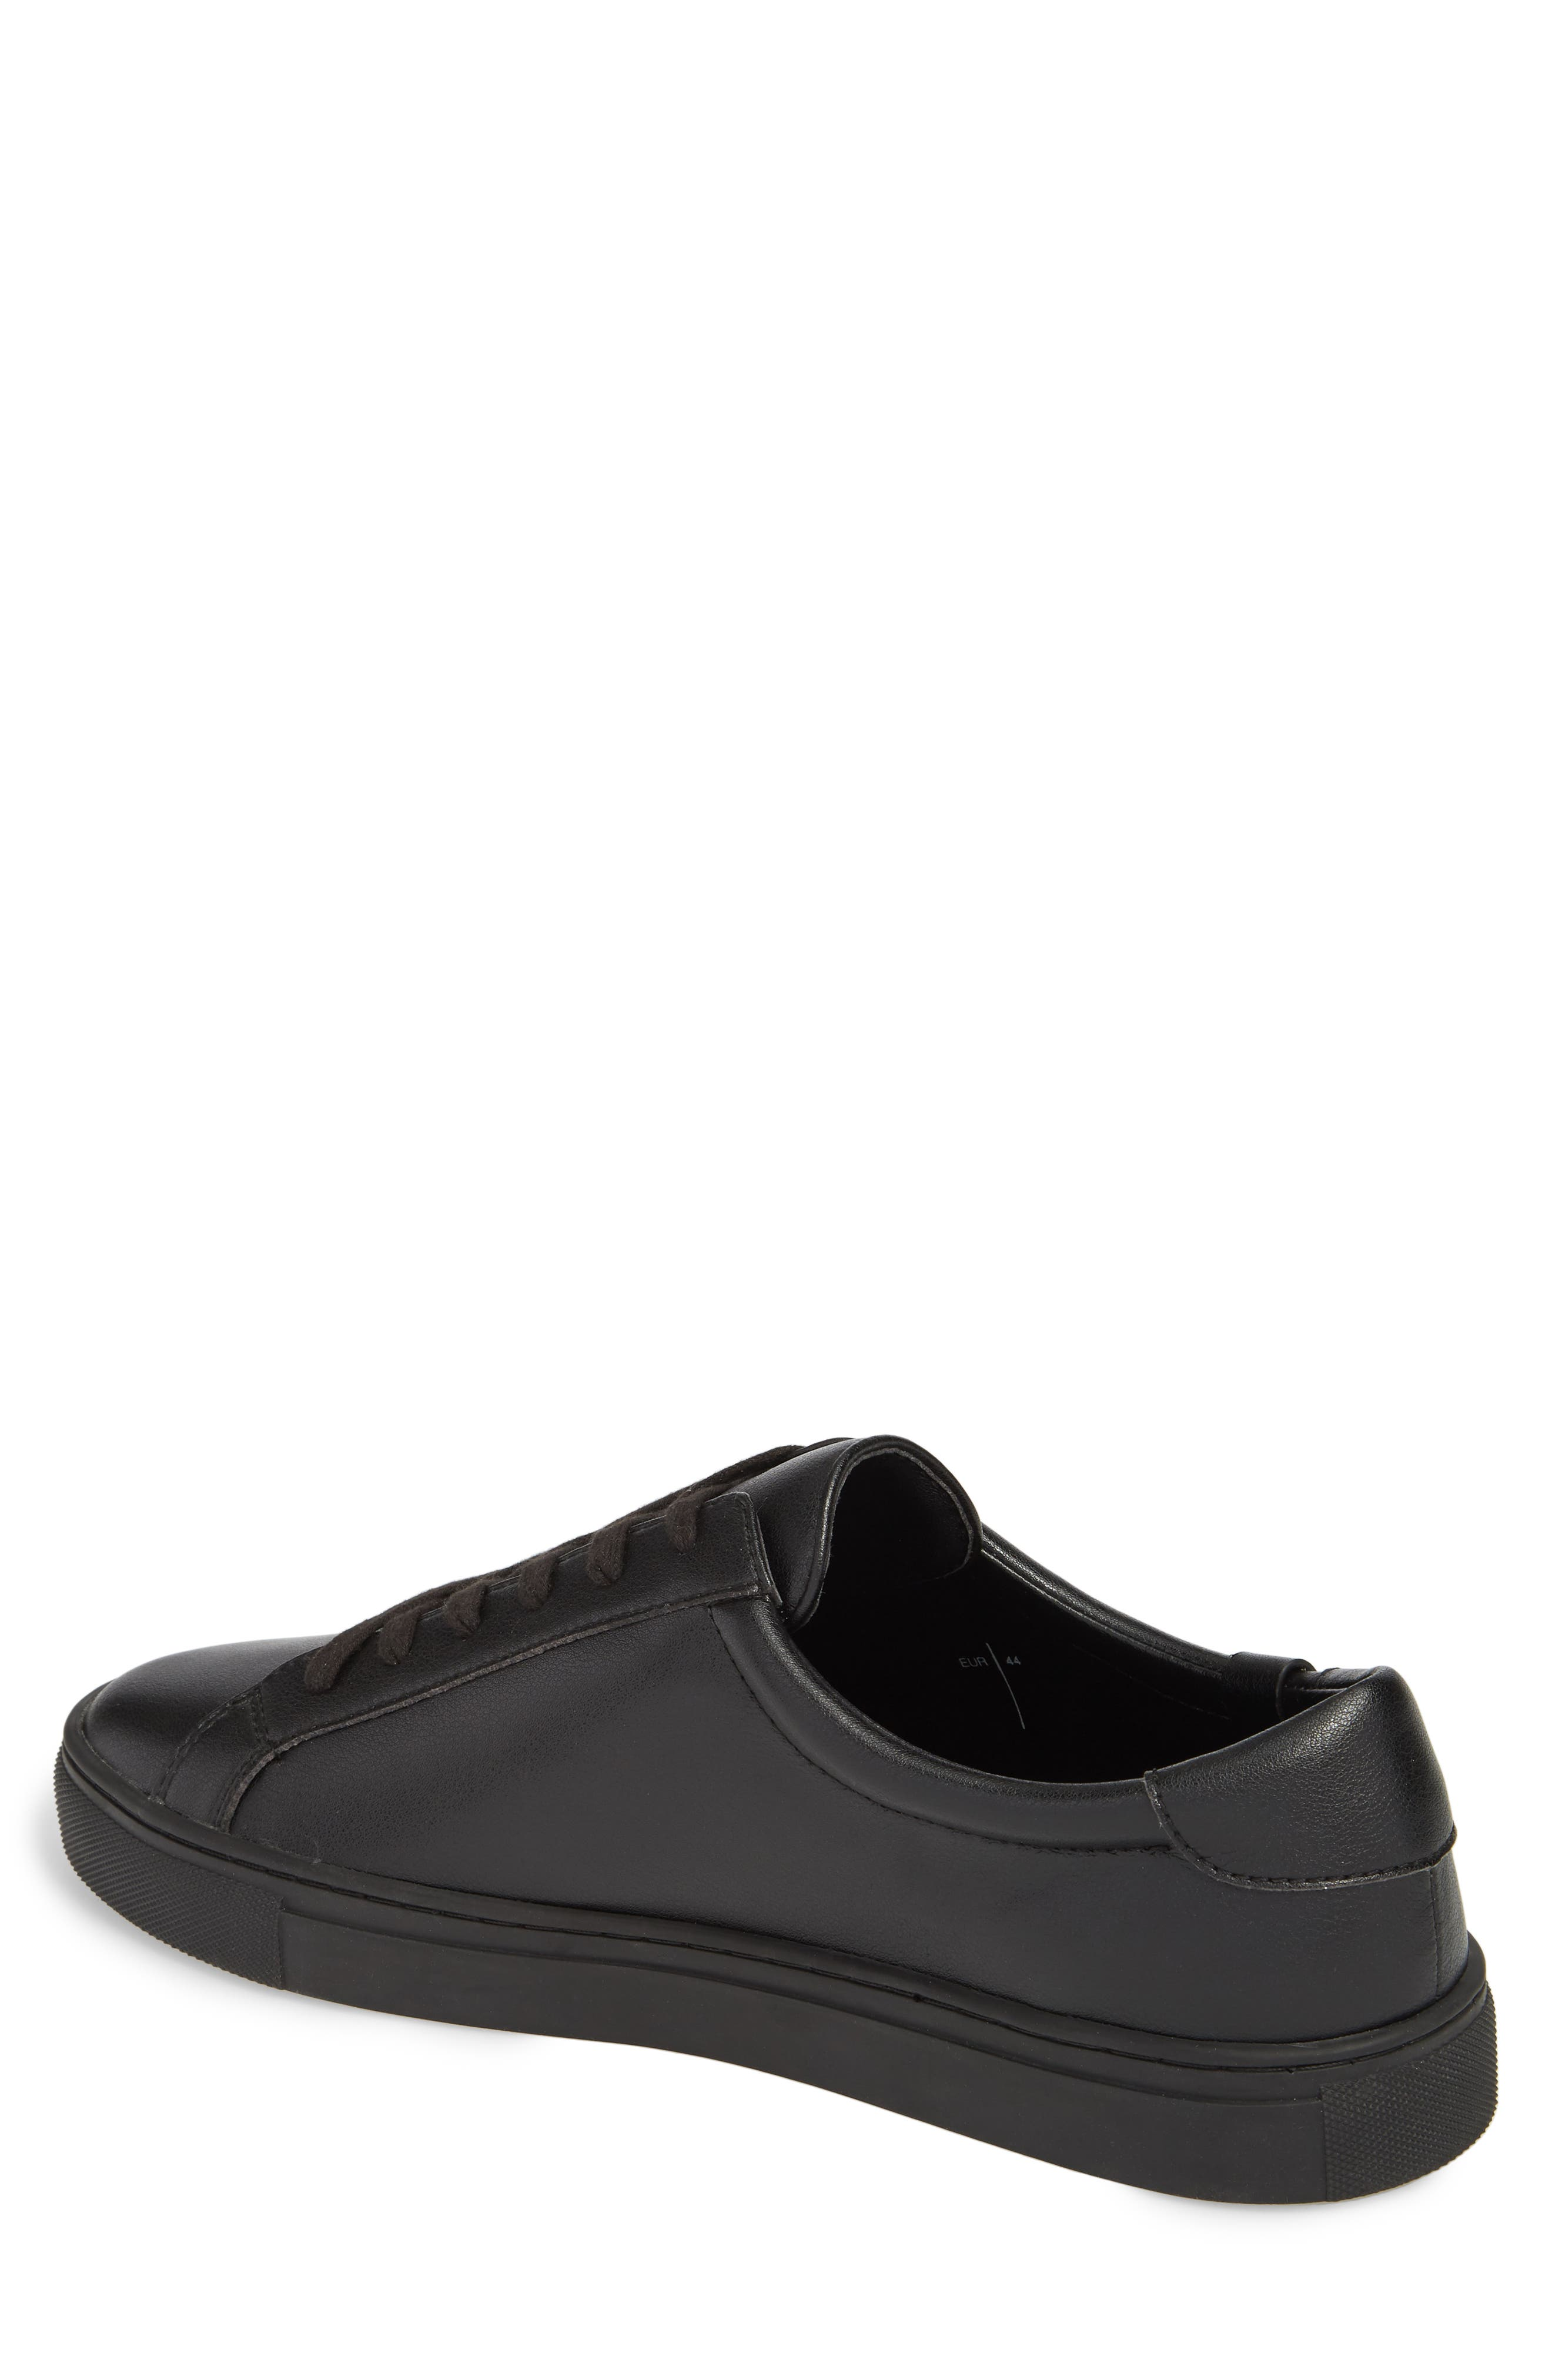 Original Low Top Sneaker,                             Alternate thumbnail 2, color,                             BLACK / BLACK